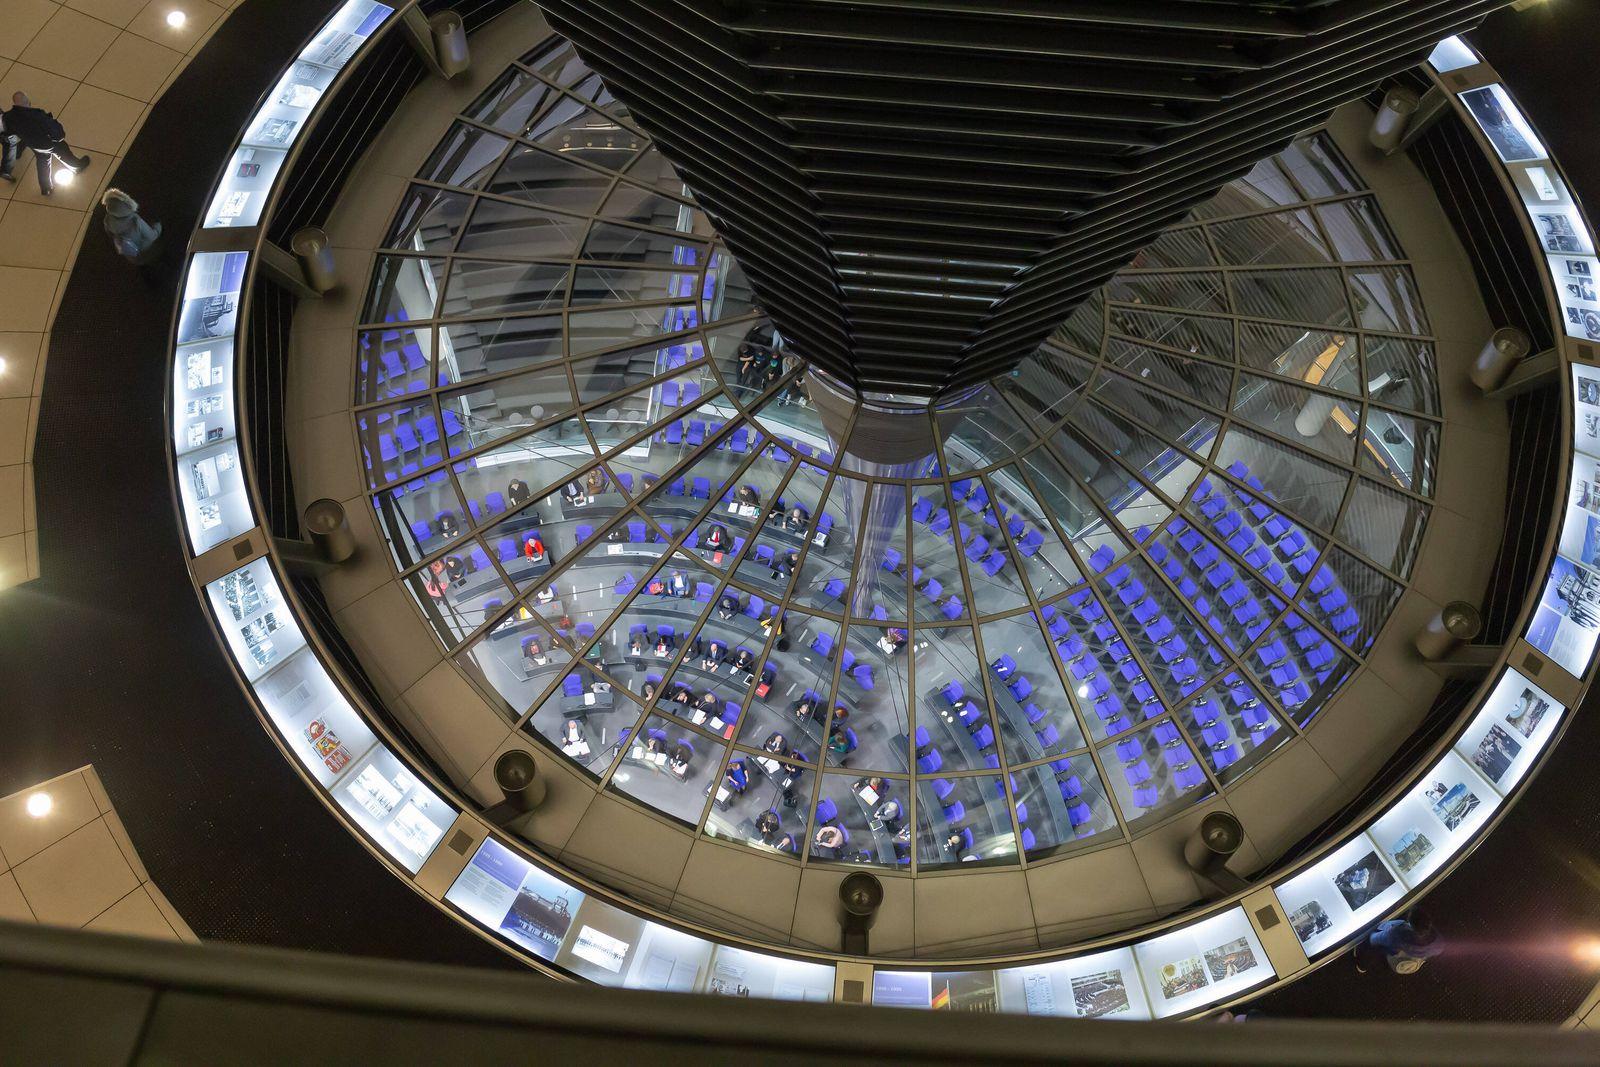 Kuppel des Reichstagsgebäudes, Blick in den Plenarsaal, 13.02.2020, Berlin (Deutschland), News, Politik, Deutscher Bunde